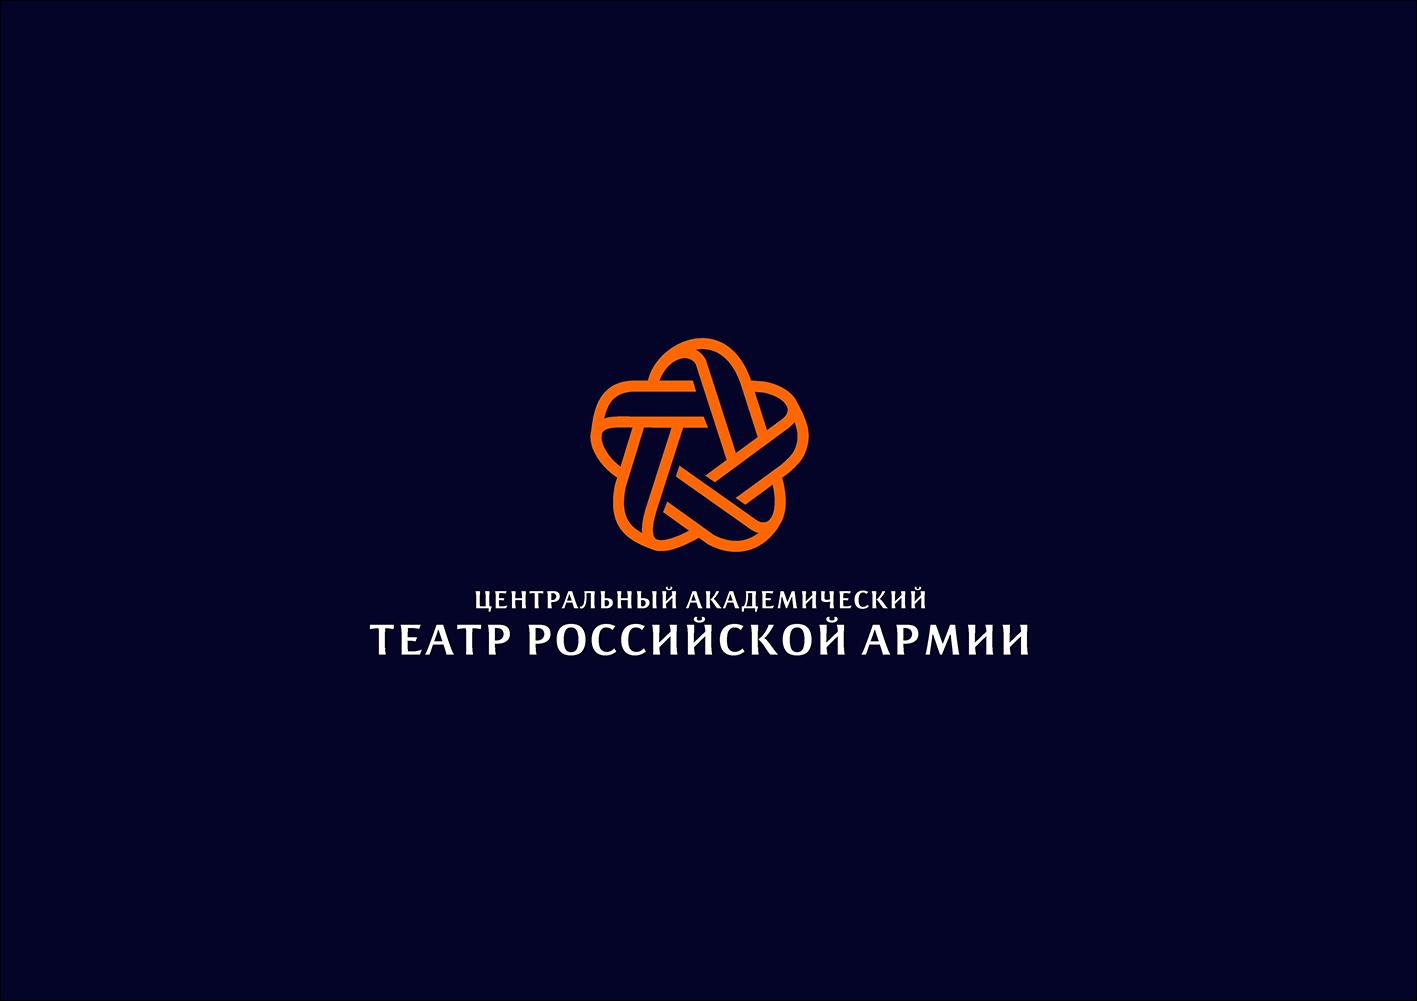 Разработка логотипа для Театра Российской Армии фото f_491588cf5b607728.jpg